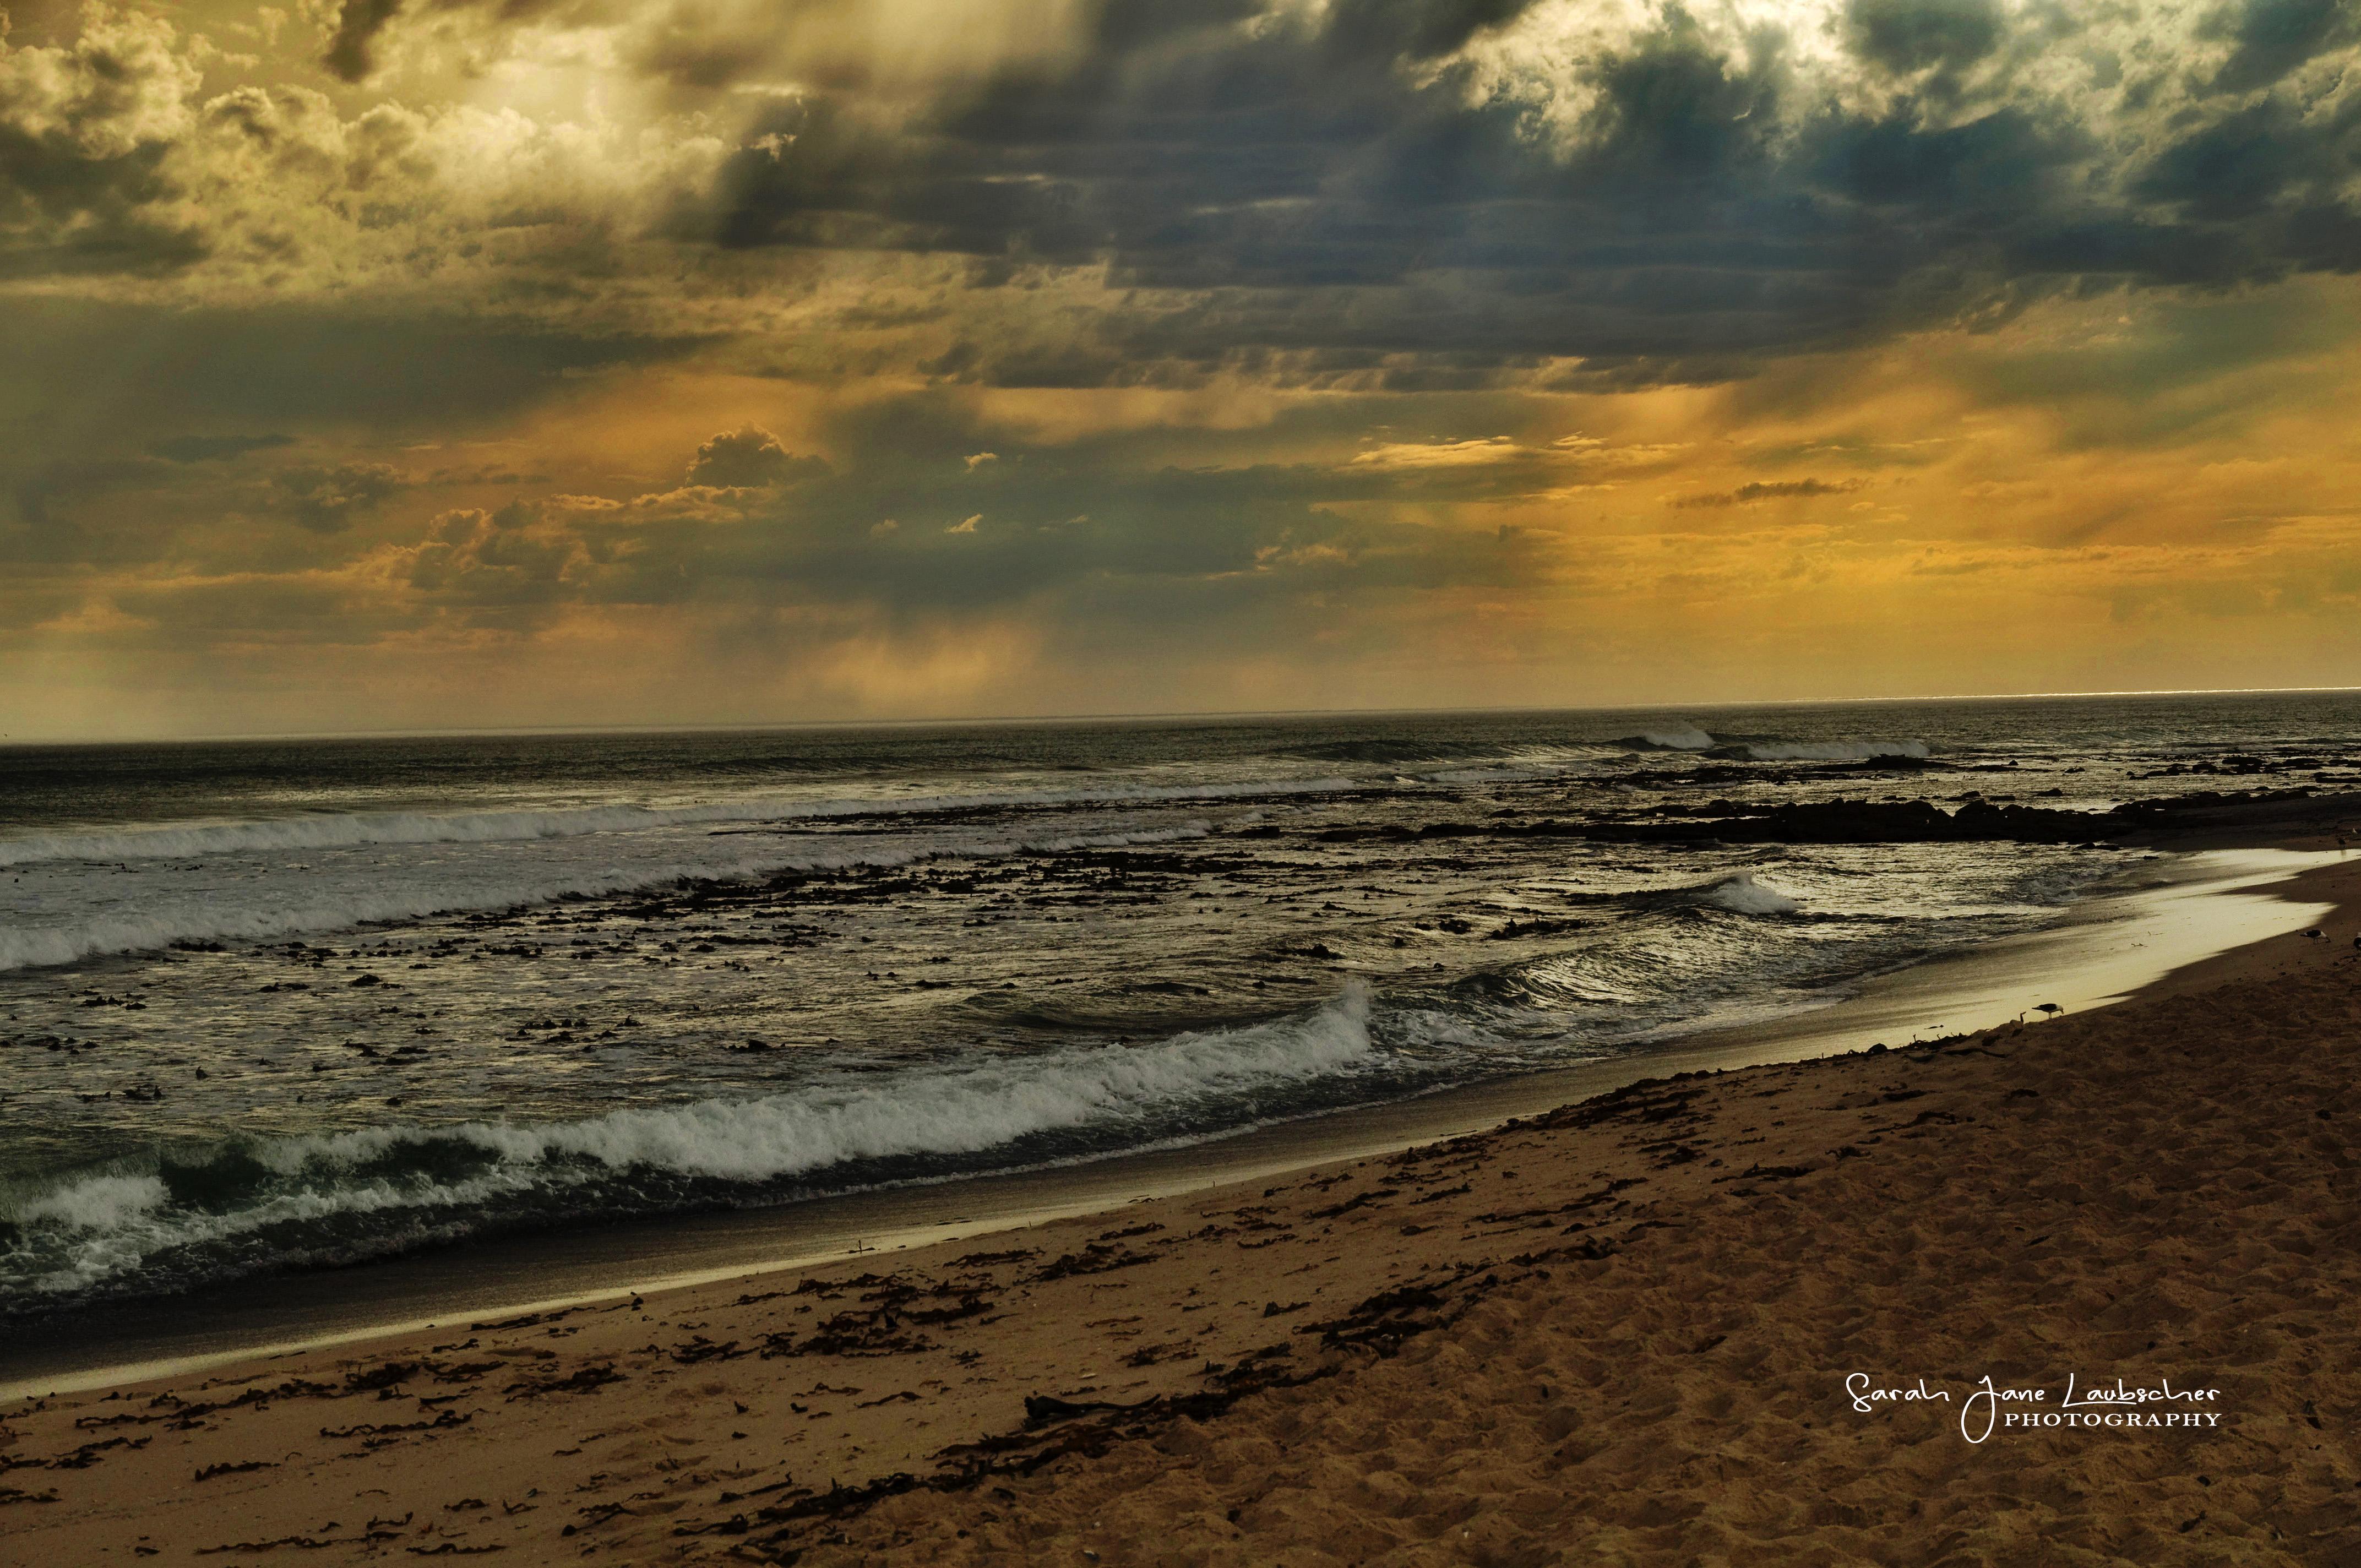 Storm at sea 2